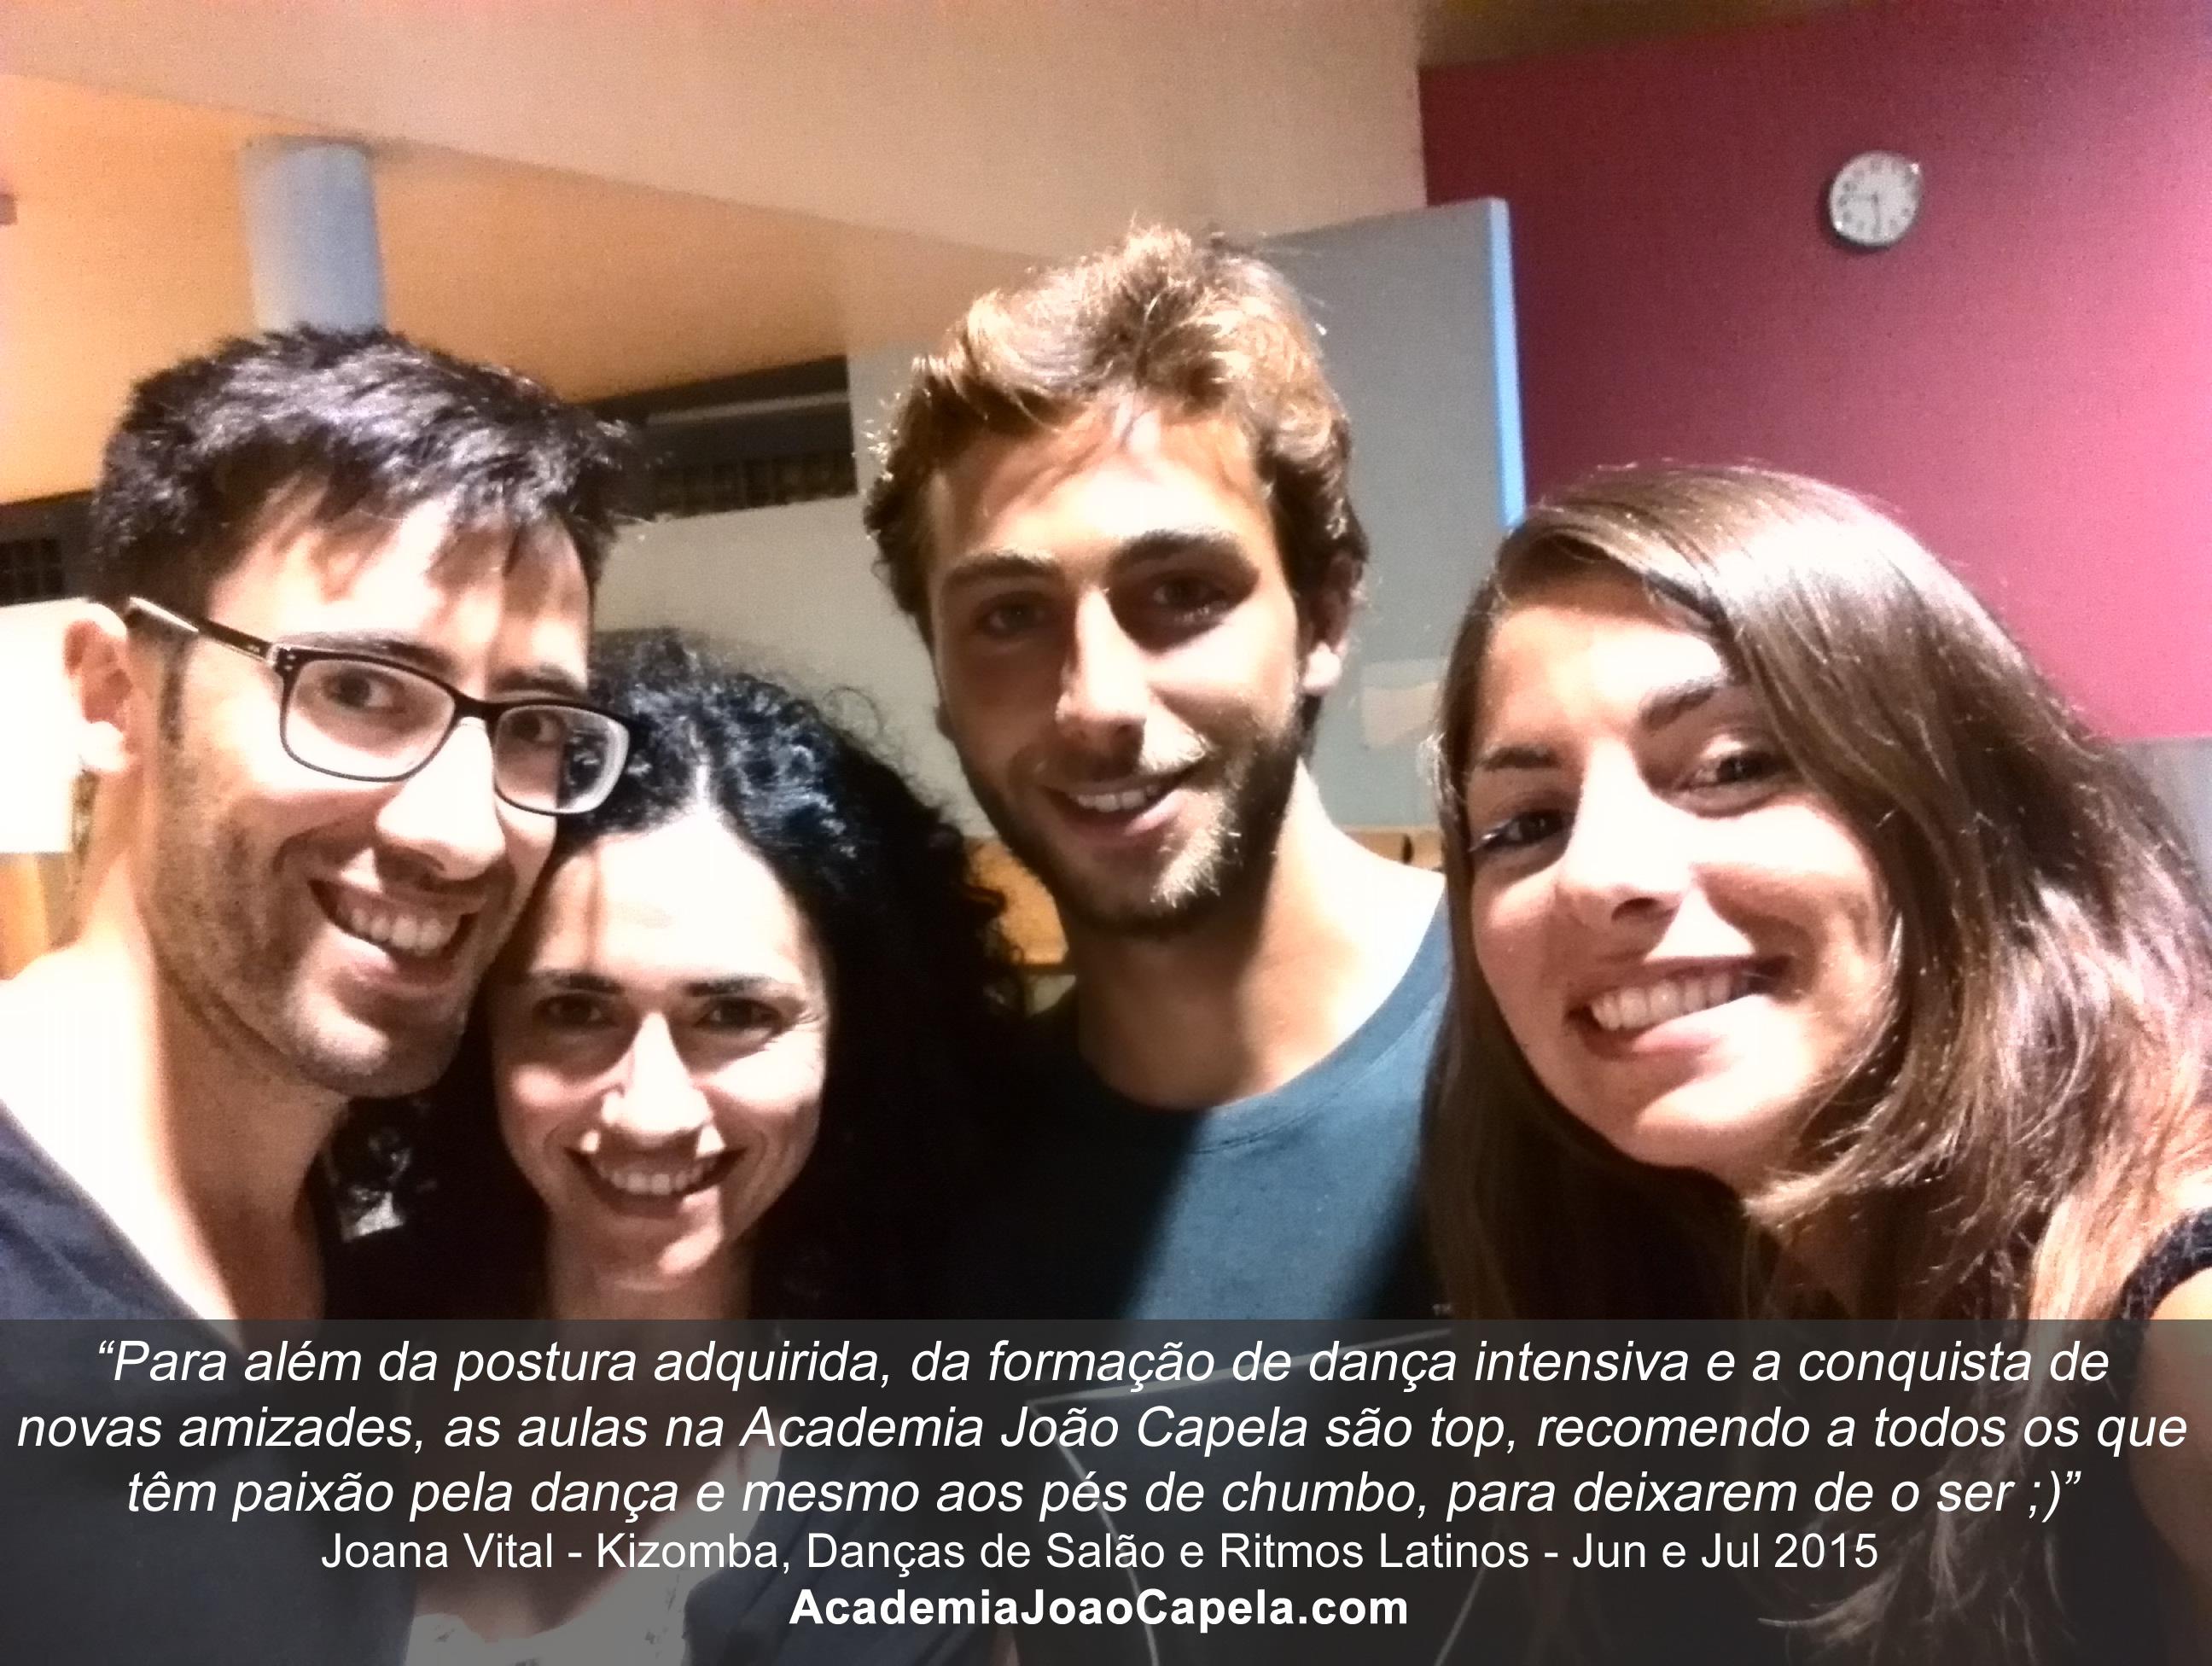 Testemunho de Joana Vital sobre as aulas de dança da Academia João Capela